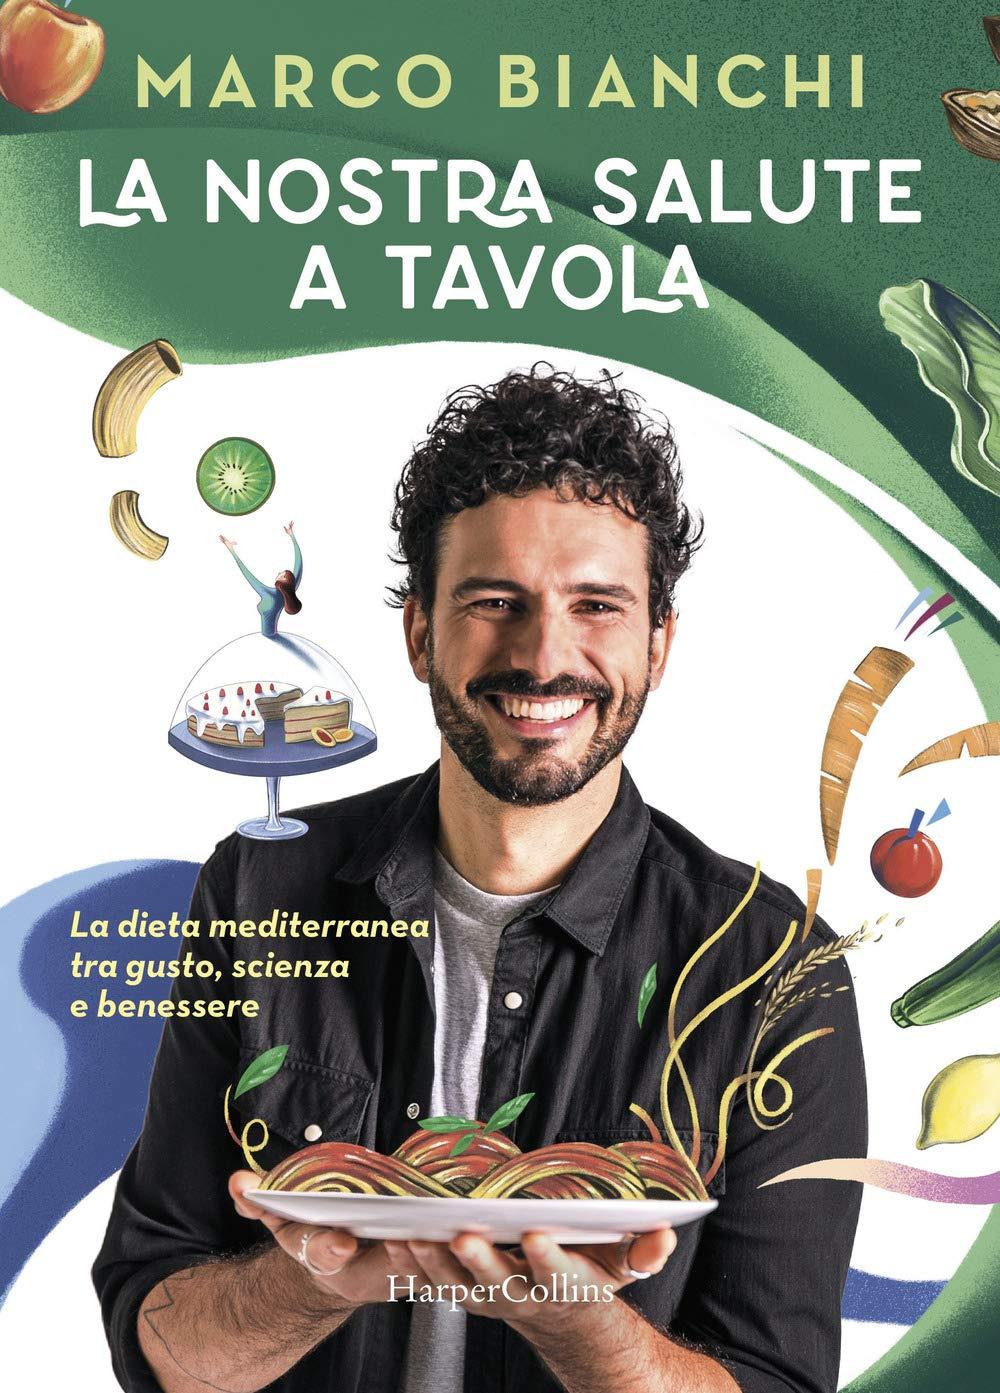 La Nostra Salute A Tavola La Dieta Mediterranea Tra Gusto Scienza E Benessere Amazon It Bianchi Marco Libri